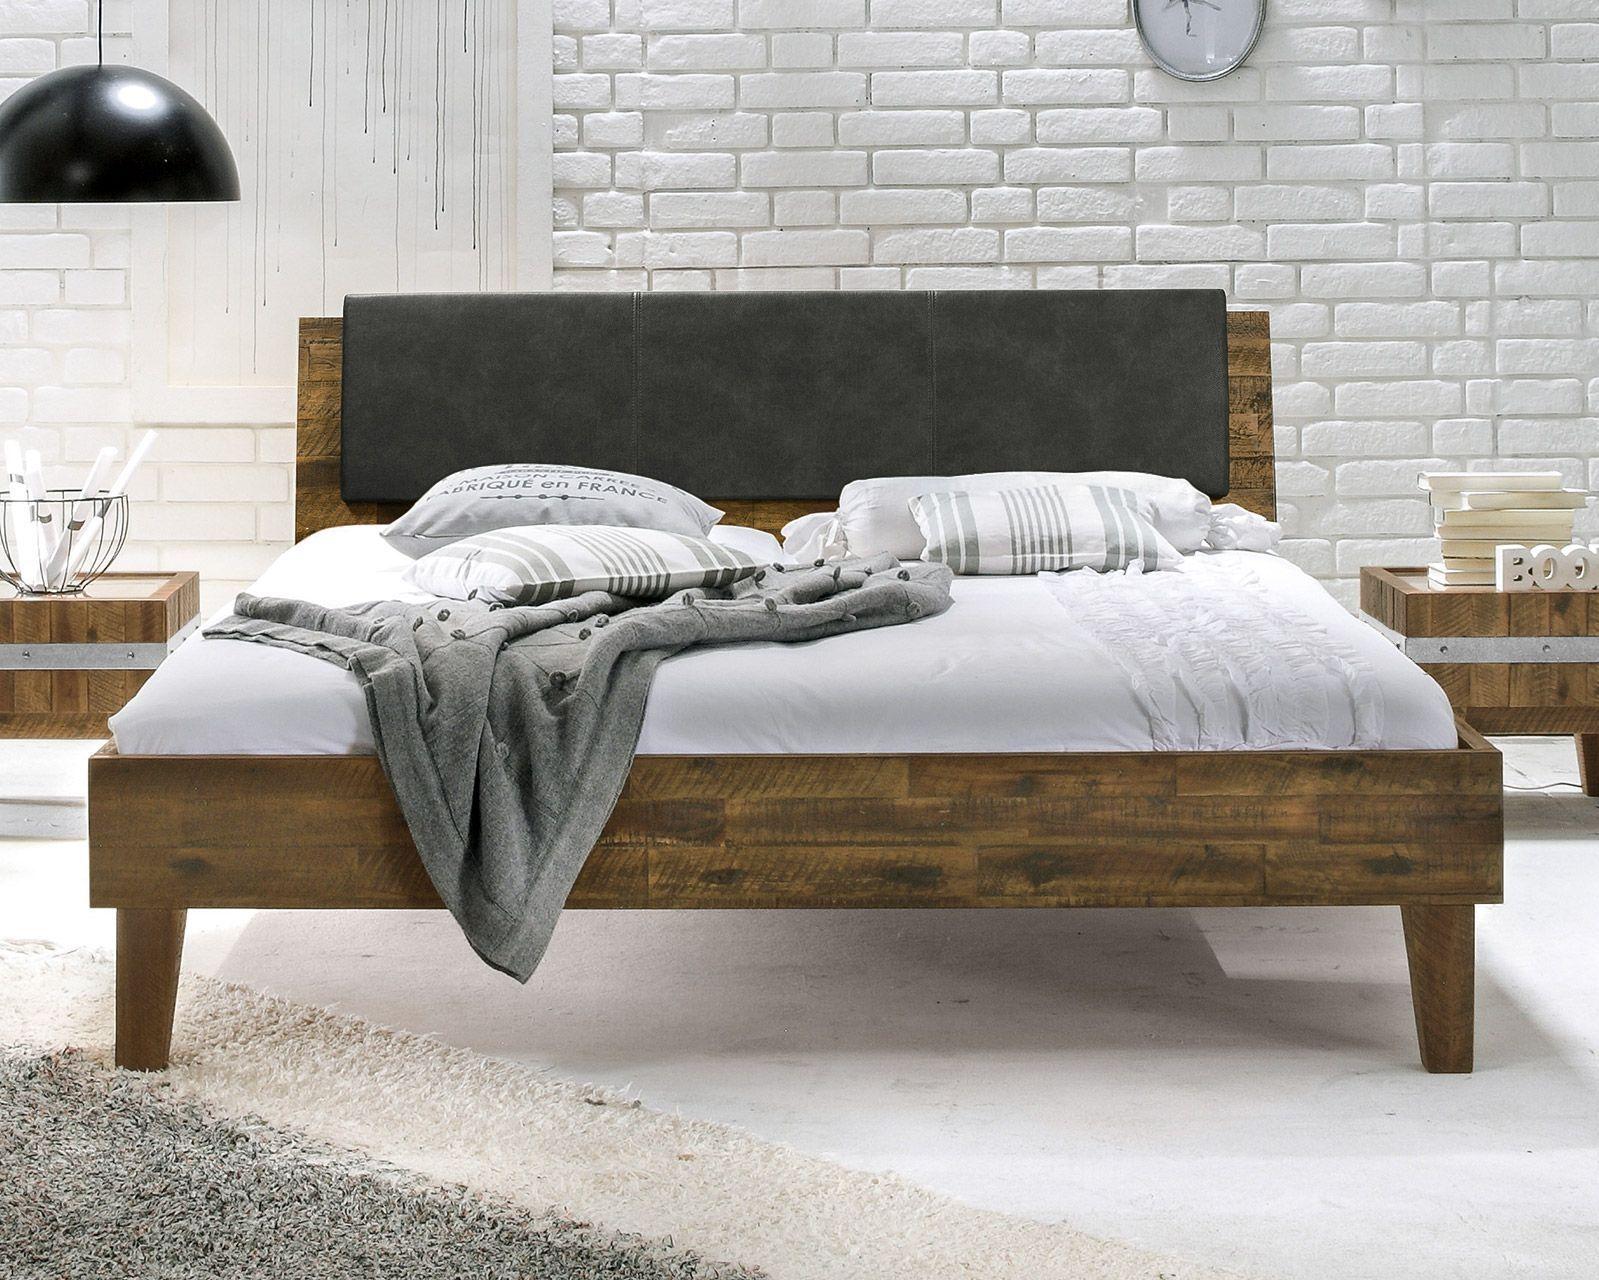 Doppelbett im Industrielook aus Akazie - Paraiso